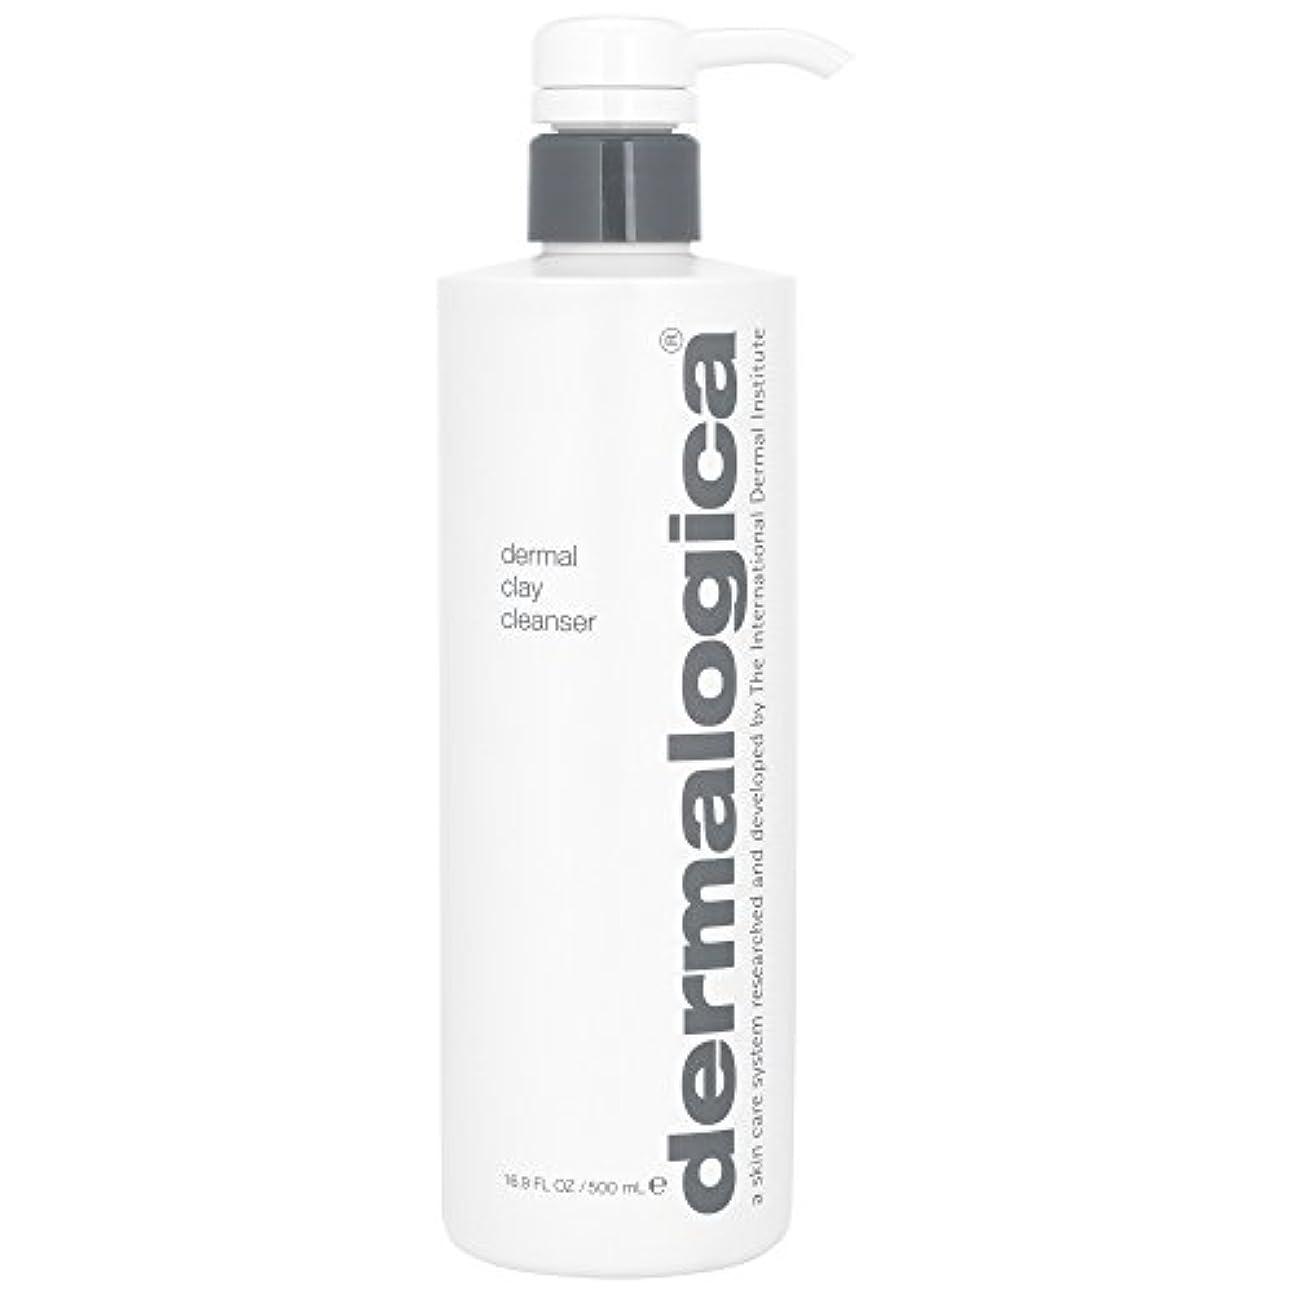 人フィラデルフィア褐色ダーマロジカ真皮クレイクレンザー500ミリリットル (Dermalogica) - Dermalogica Dermal Clay Cleanser 500ml [並行輸入品]